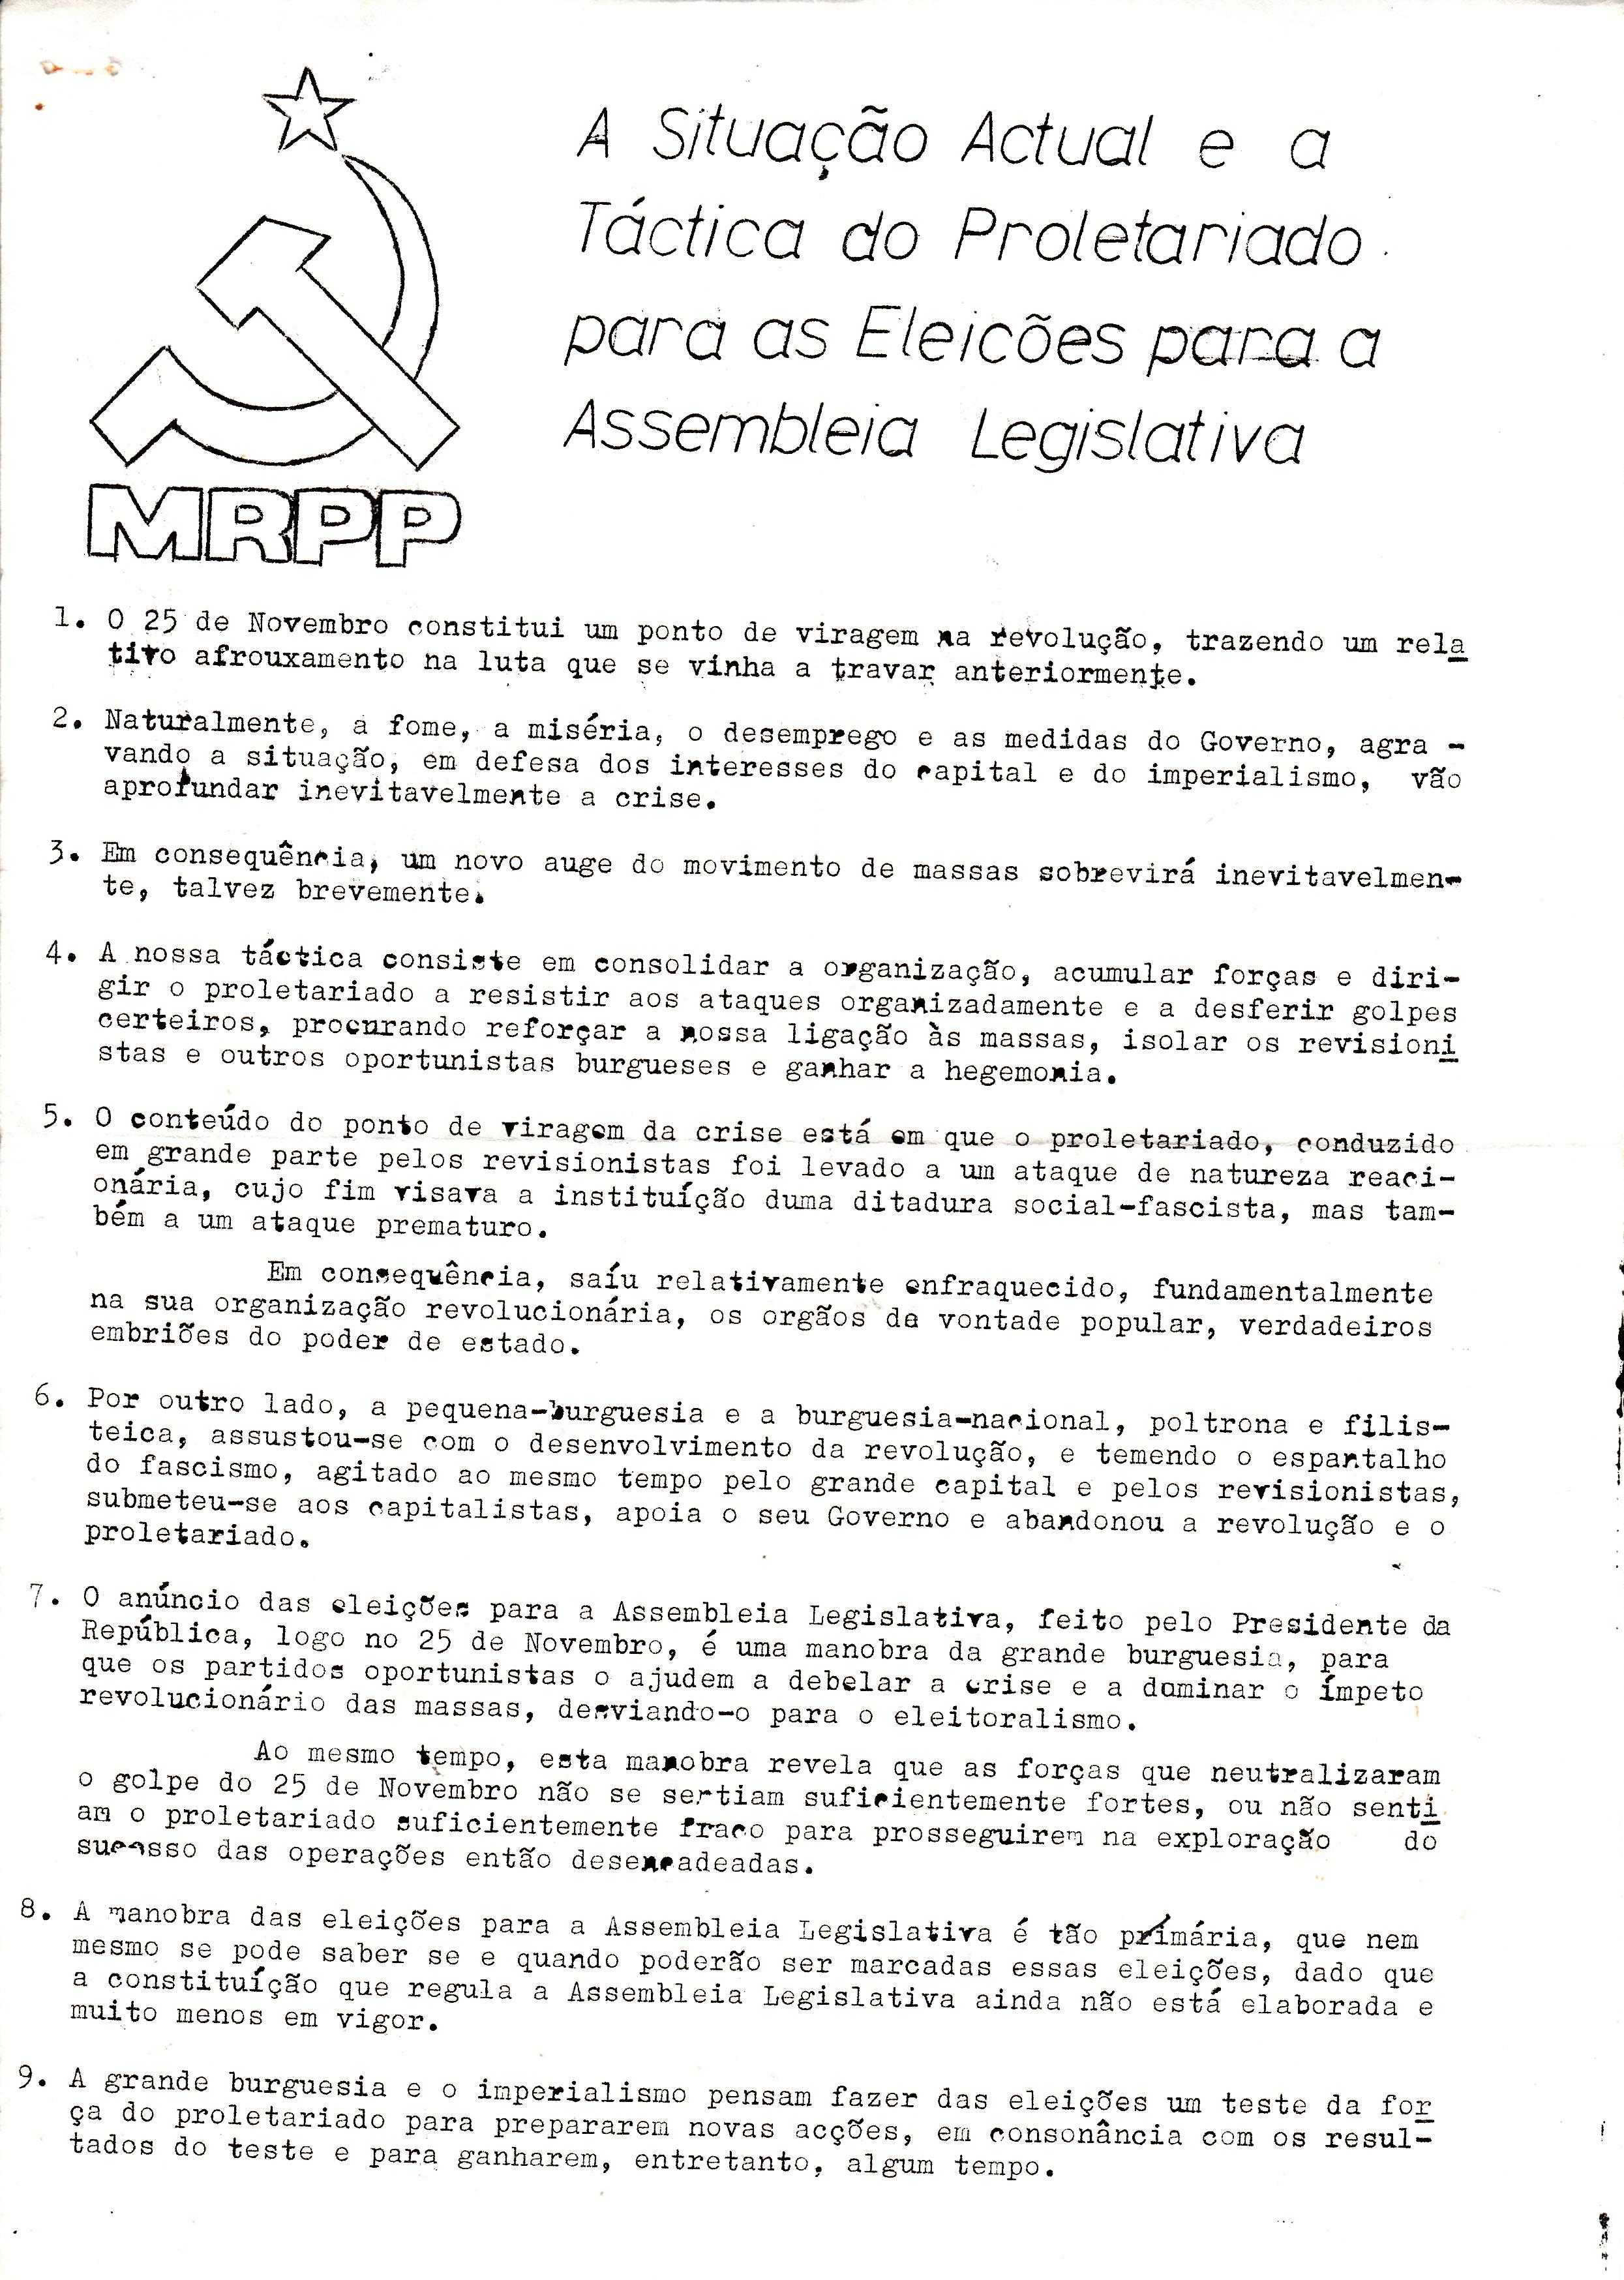 MRPP_1976_sd_0006